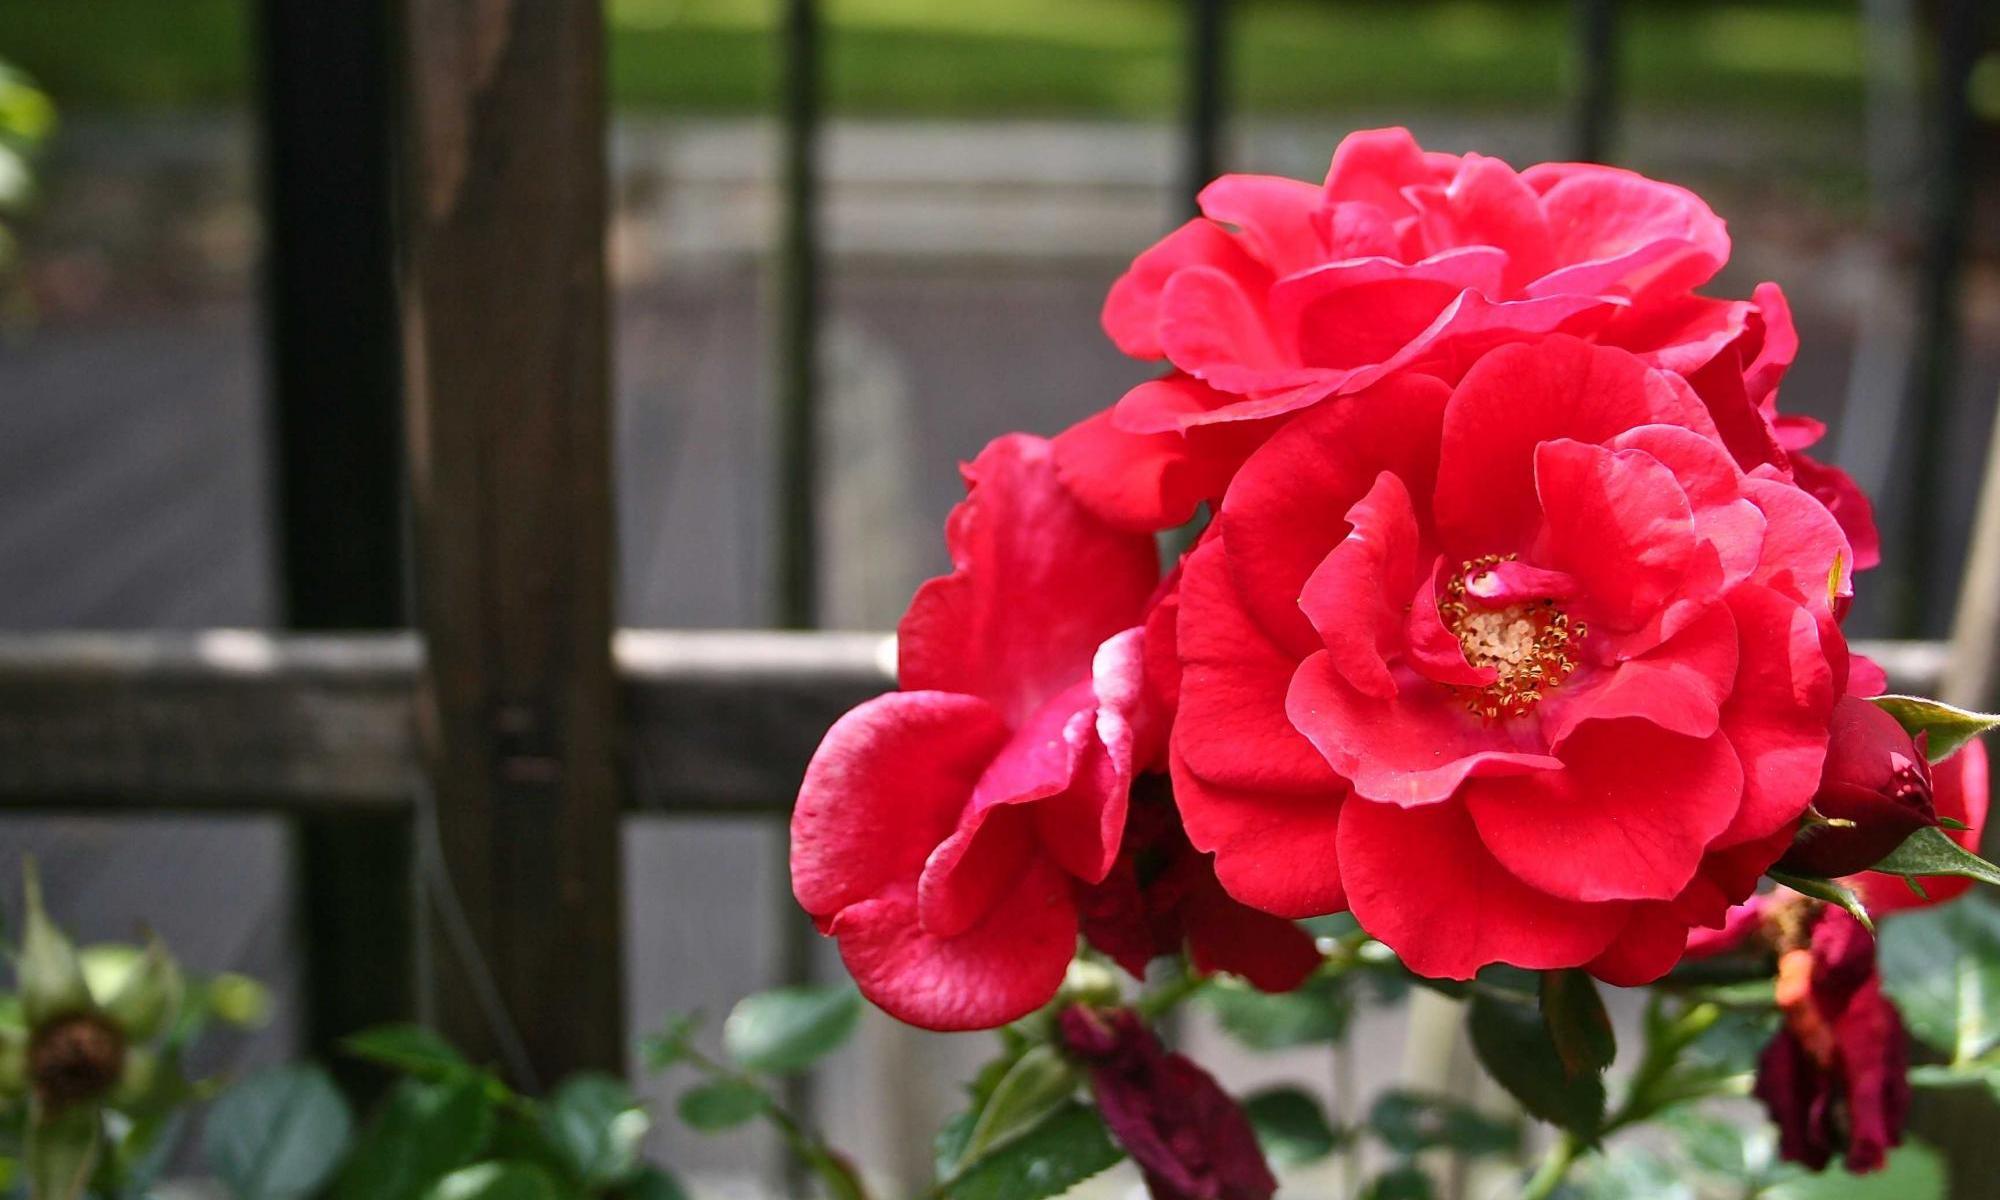 Mirella mit den ewigen Boten der Liebe, den roten Rosen